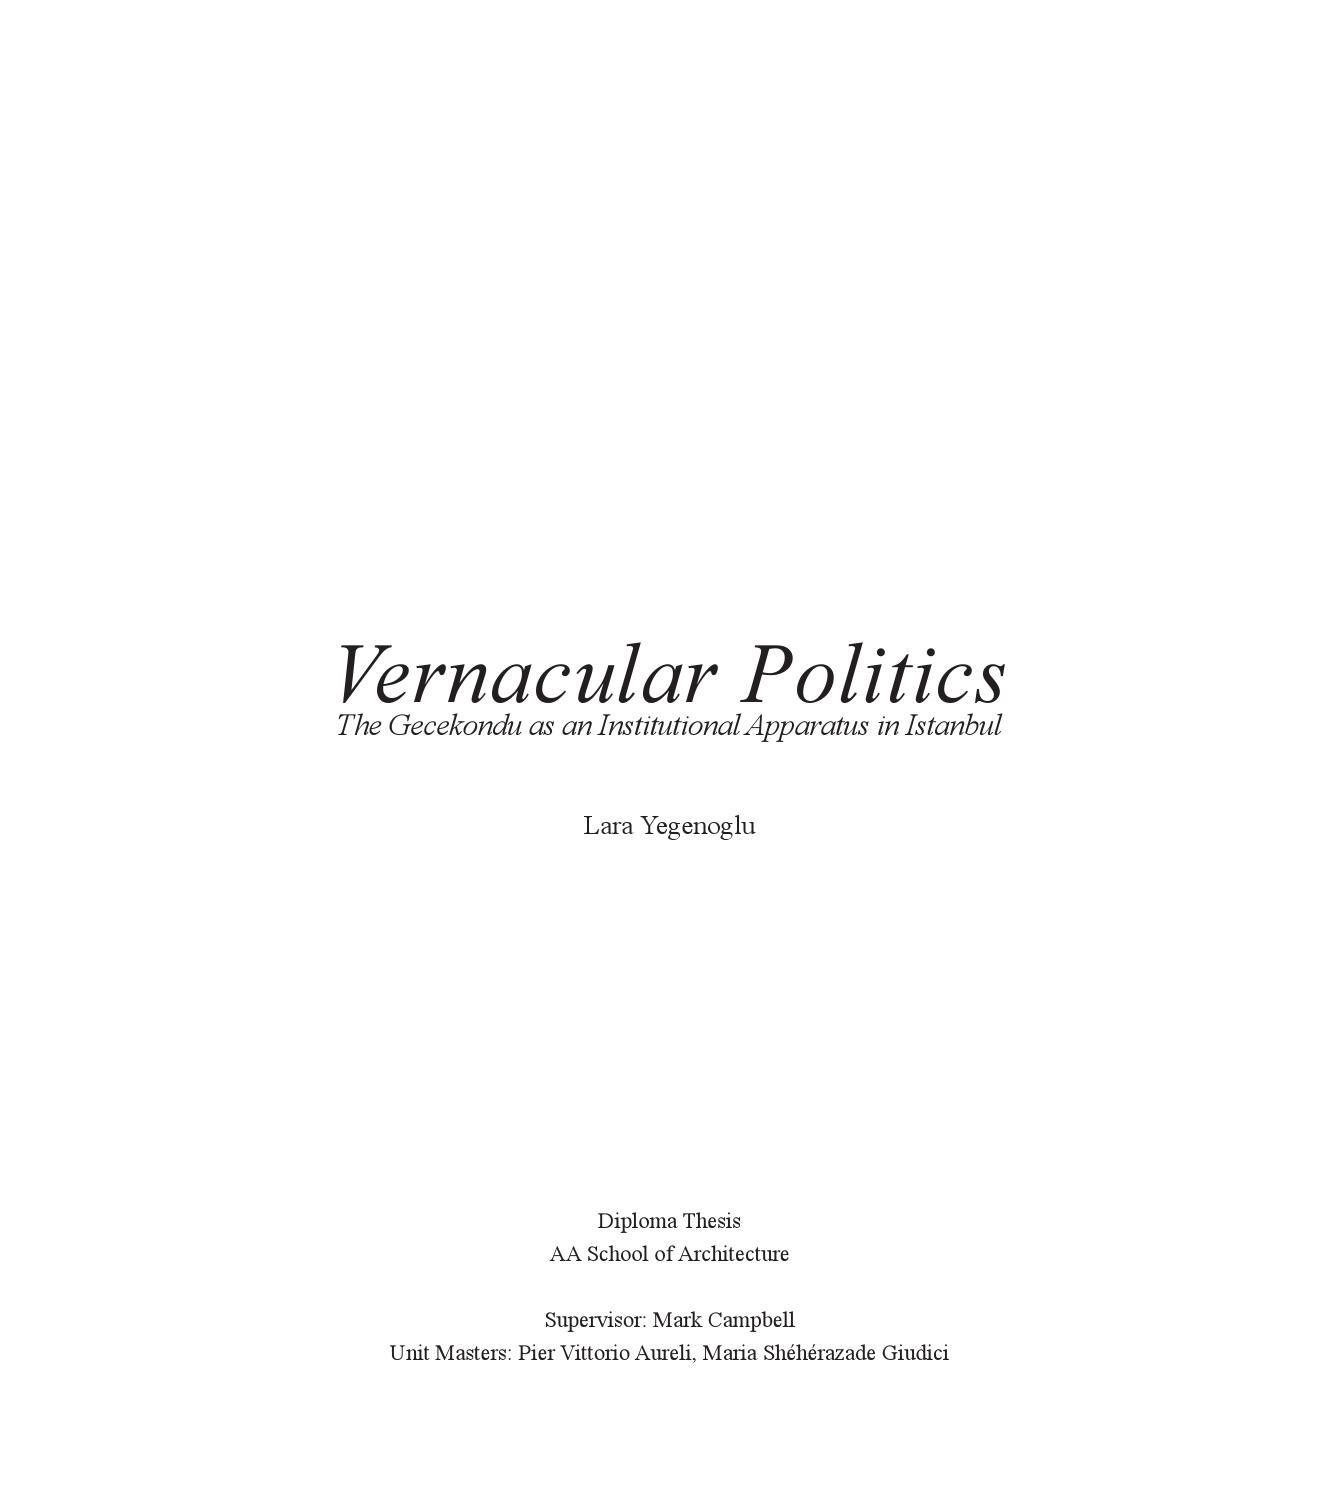 Vernacular Politics: The Gecekondu As An Institutional